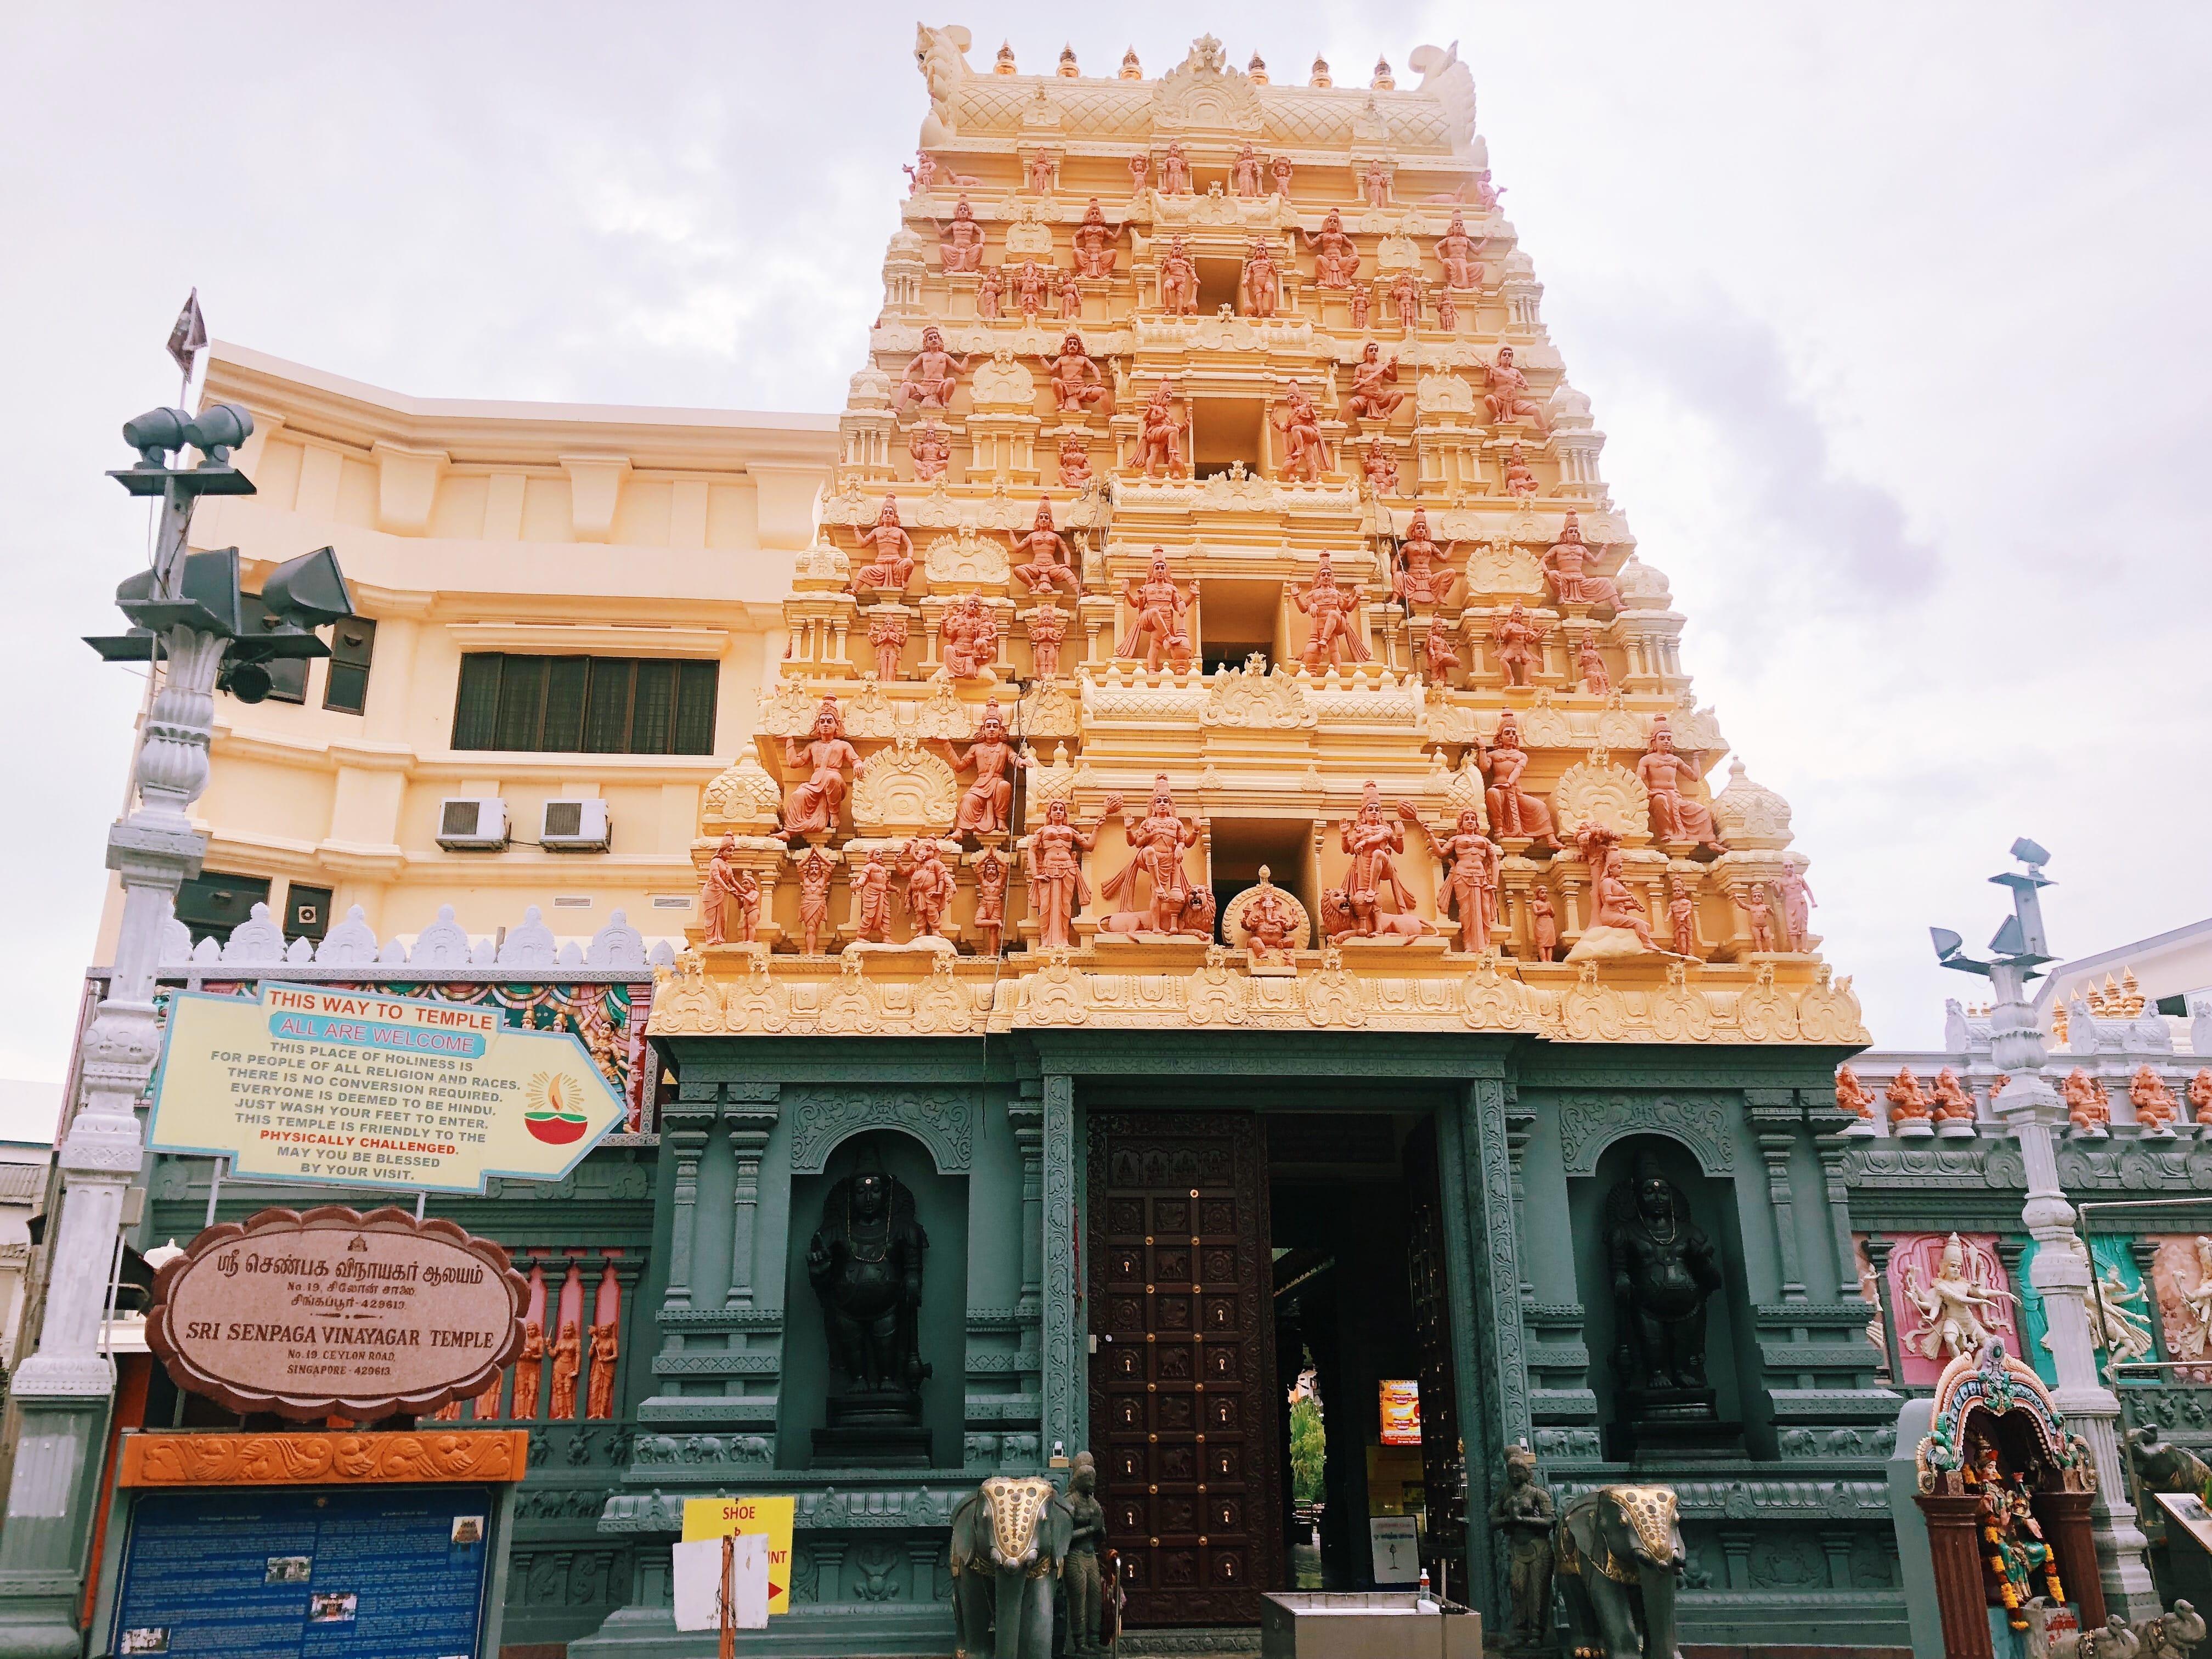 đền thờ sri senpaga vinayagar